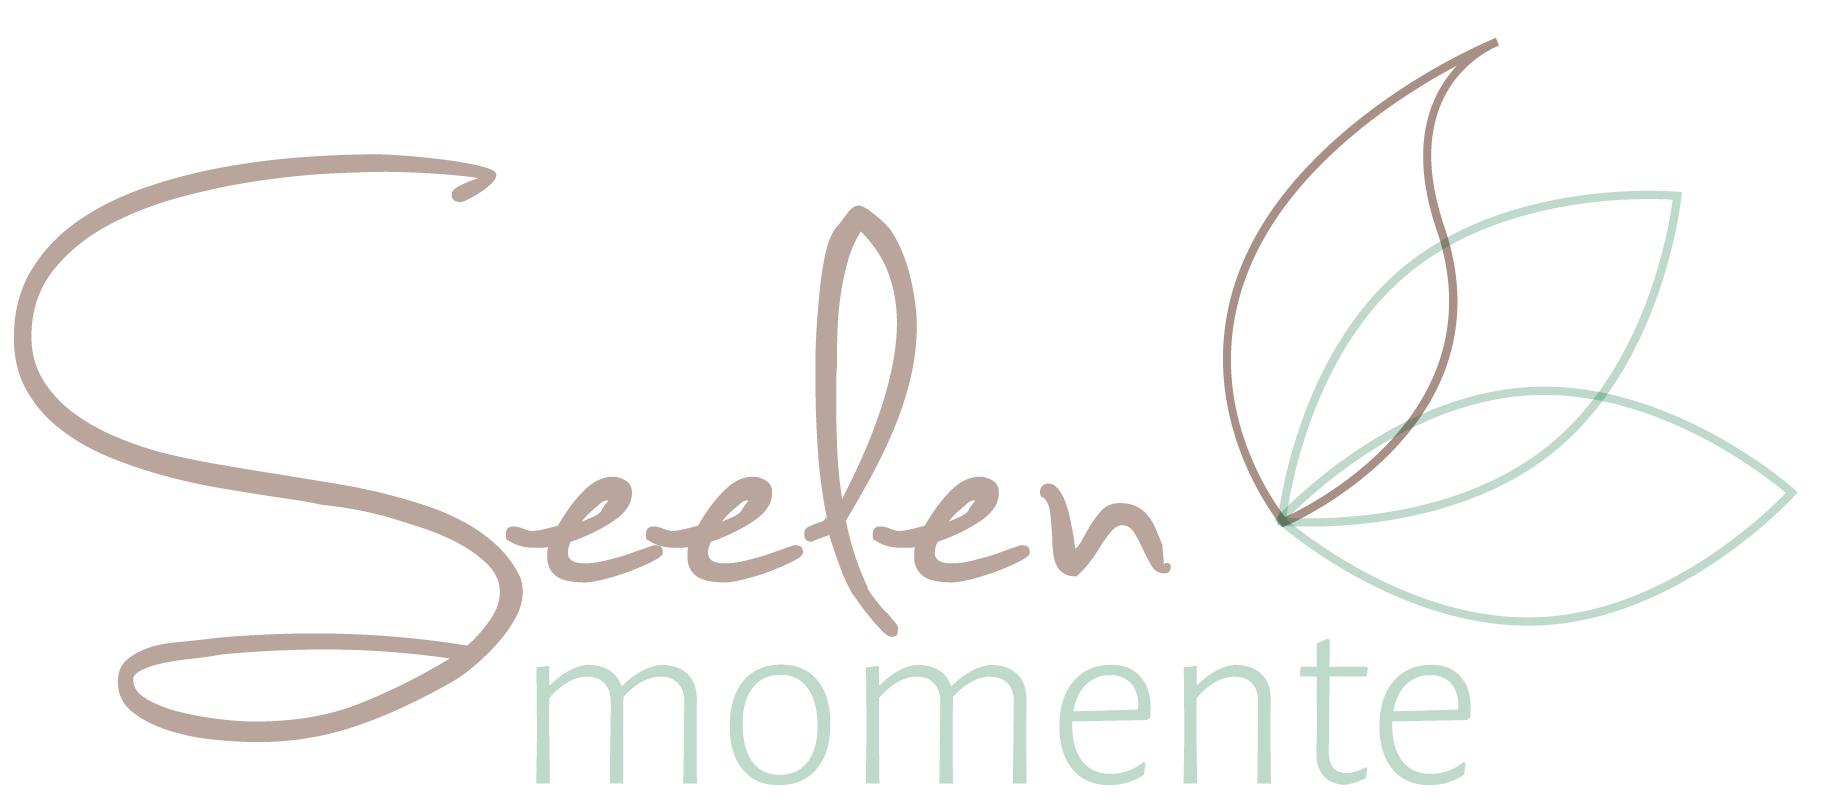 Seelenmomente Kosmetik für ein ganzheitliches Wohlbefinden Nordhorn